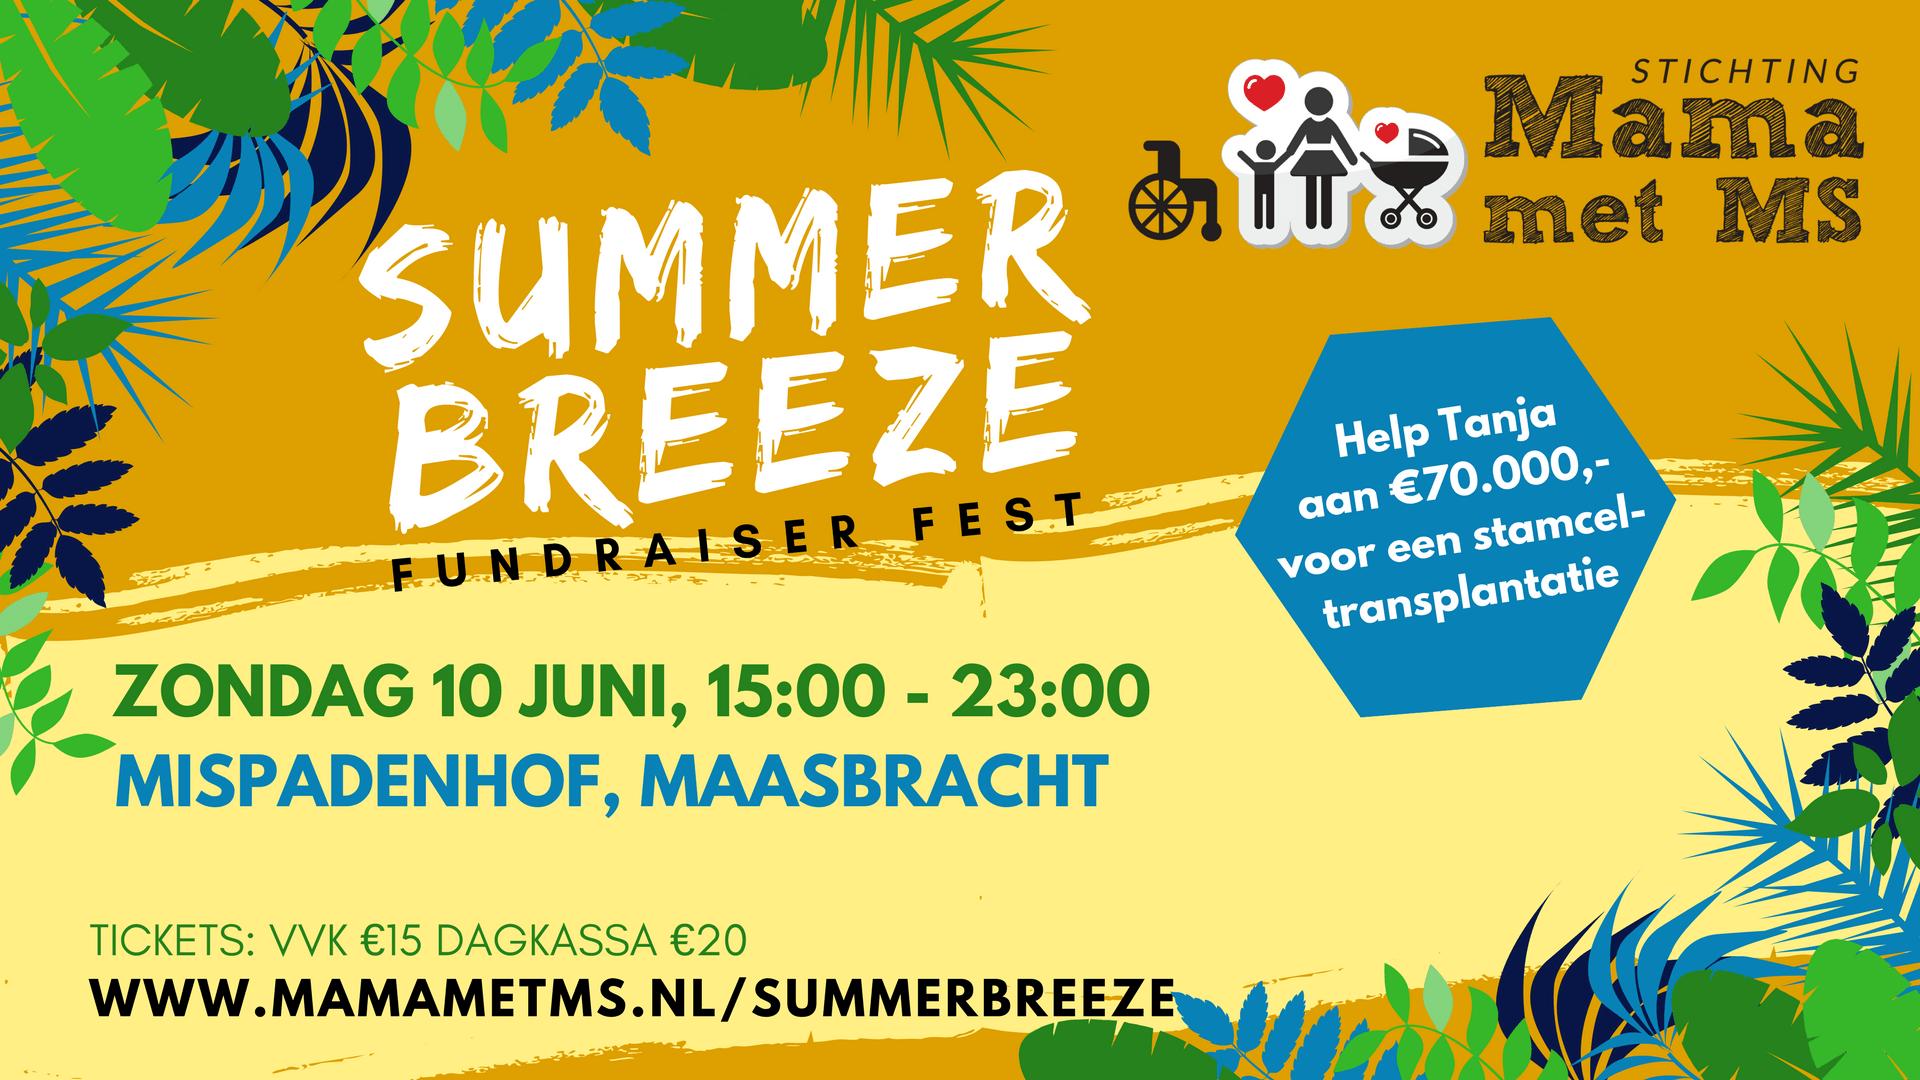 Summerbreeze Event header